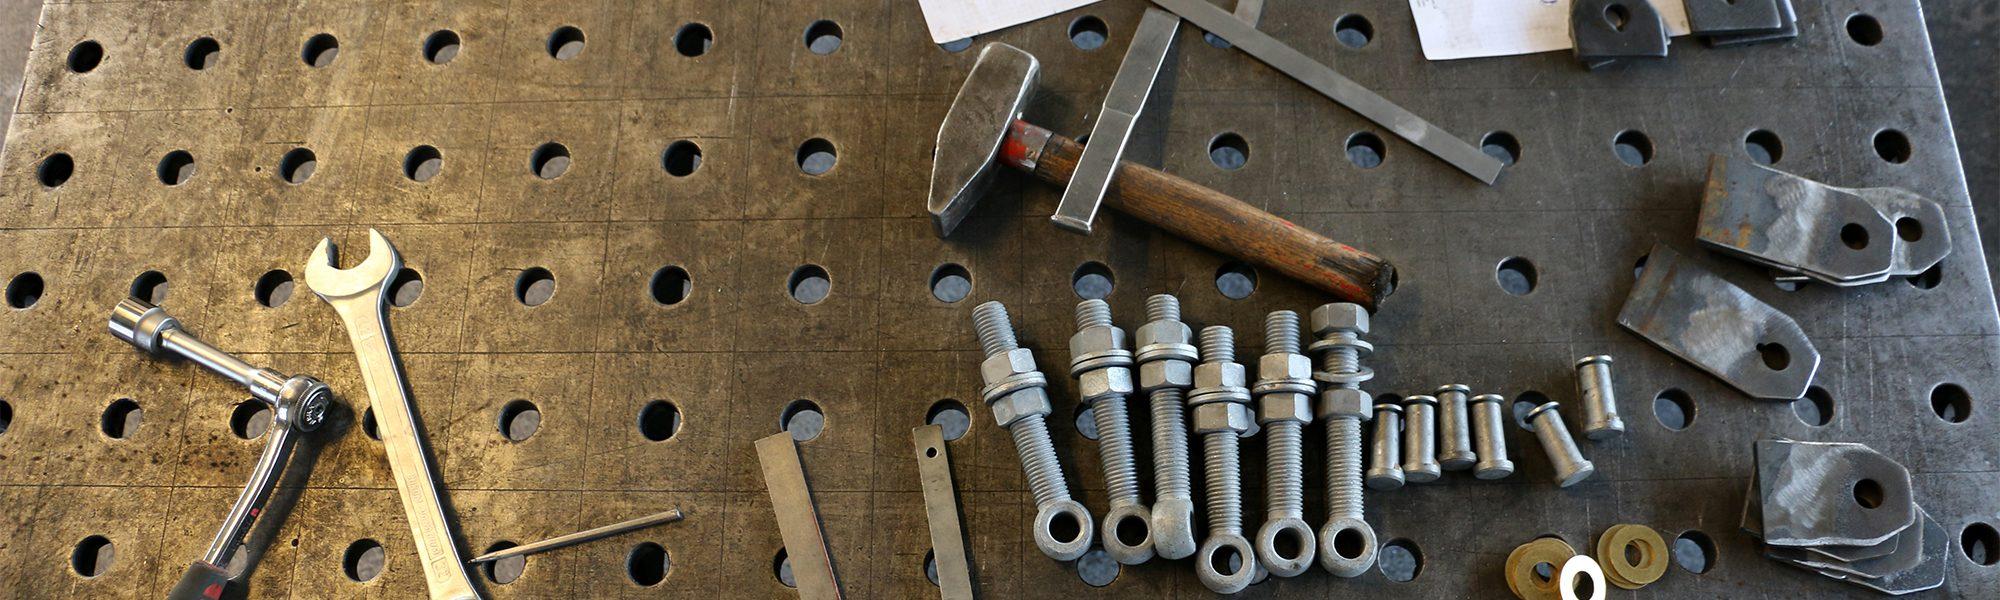 Schweißtisch mit Werkzeug und Schrauben